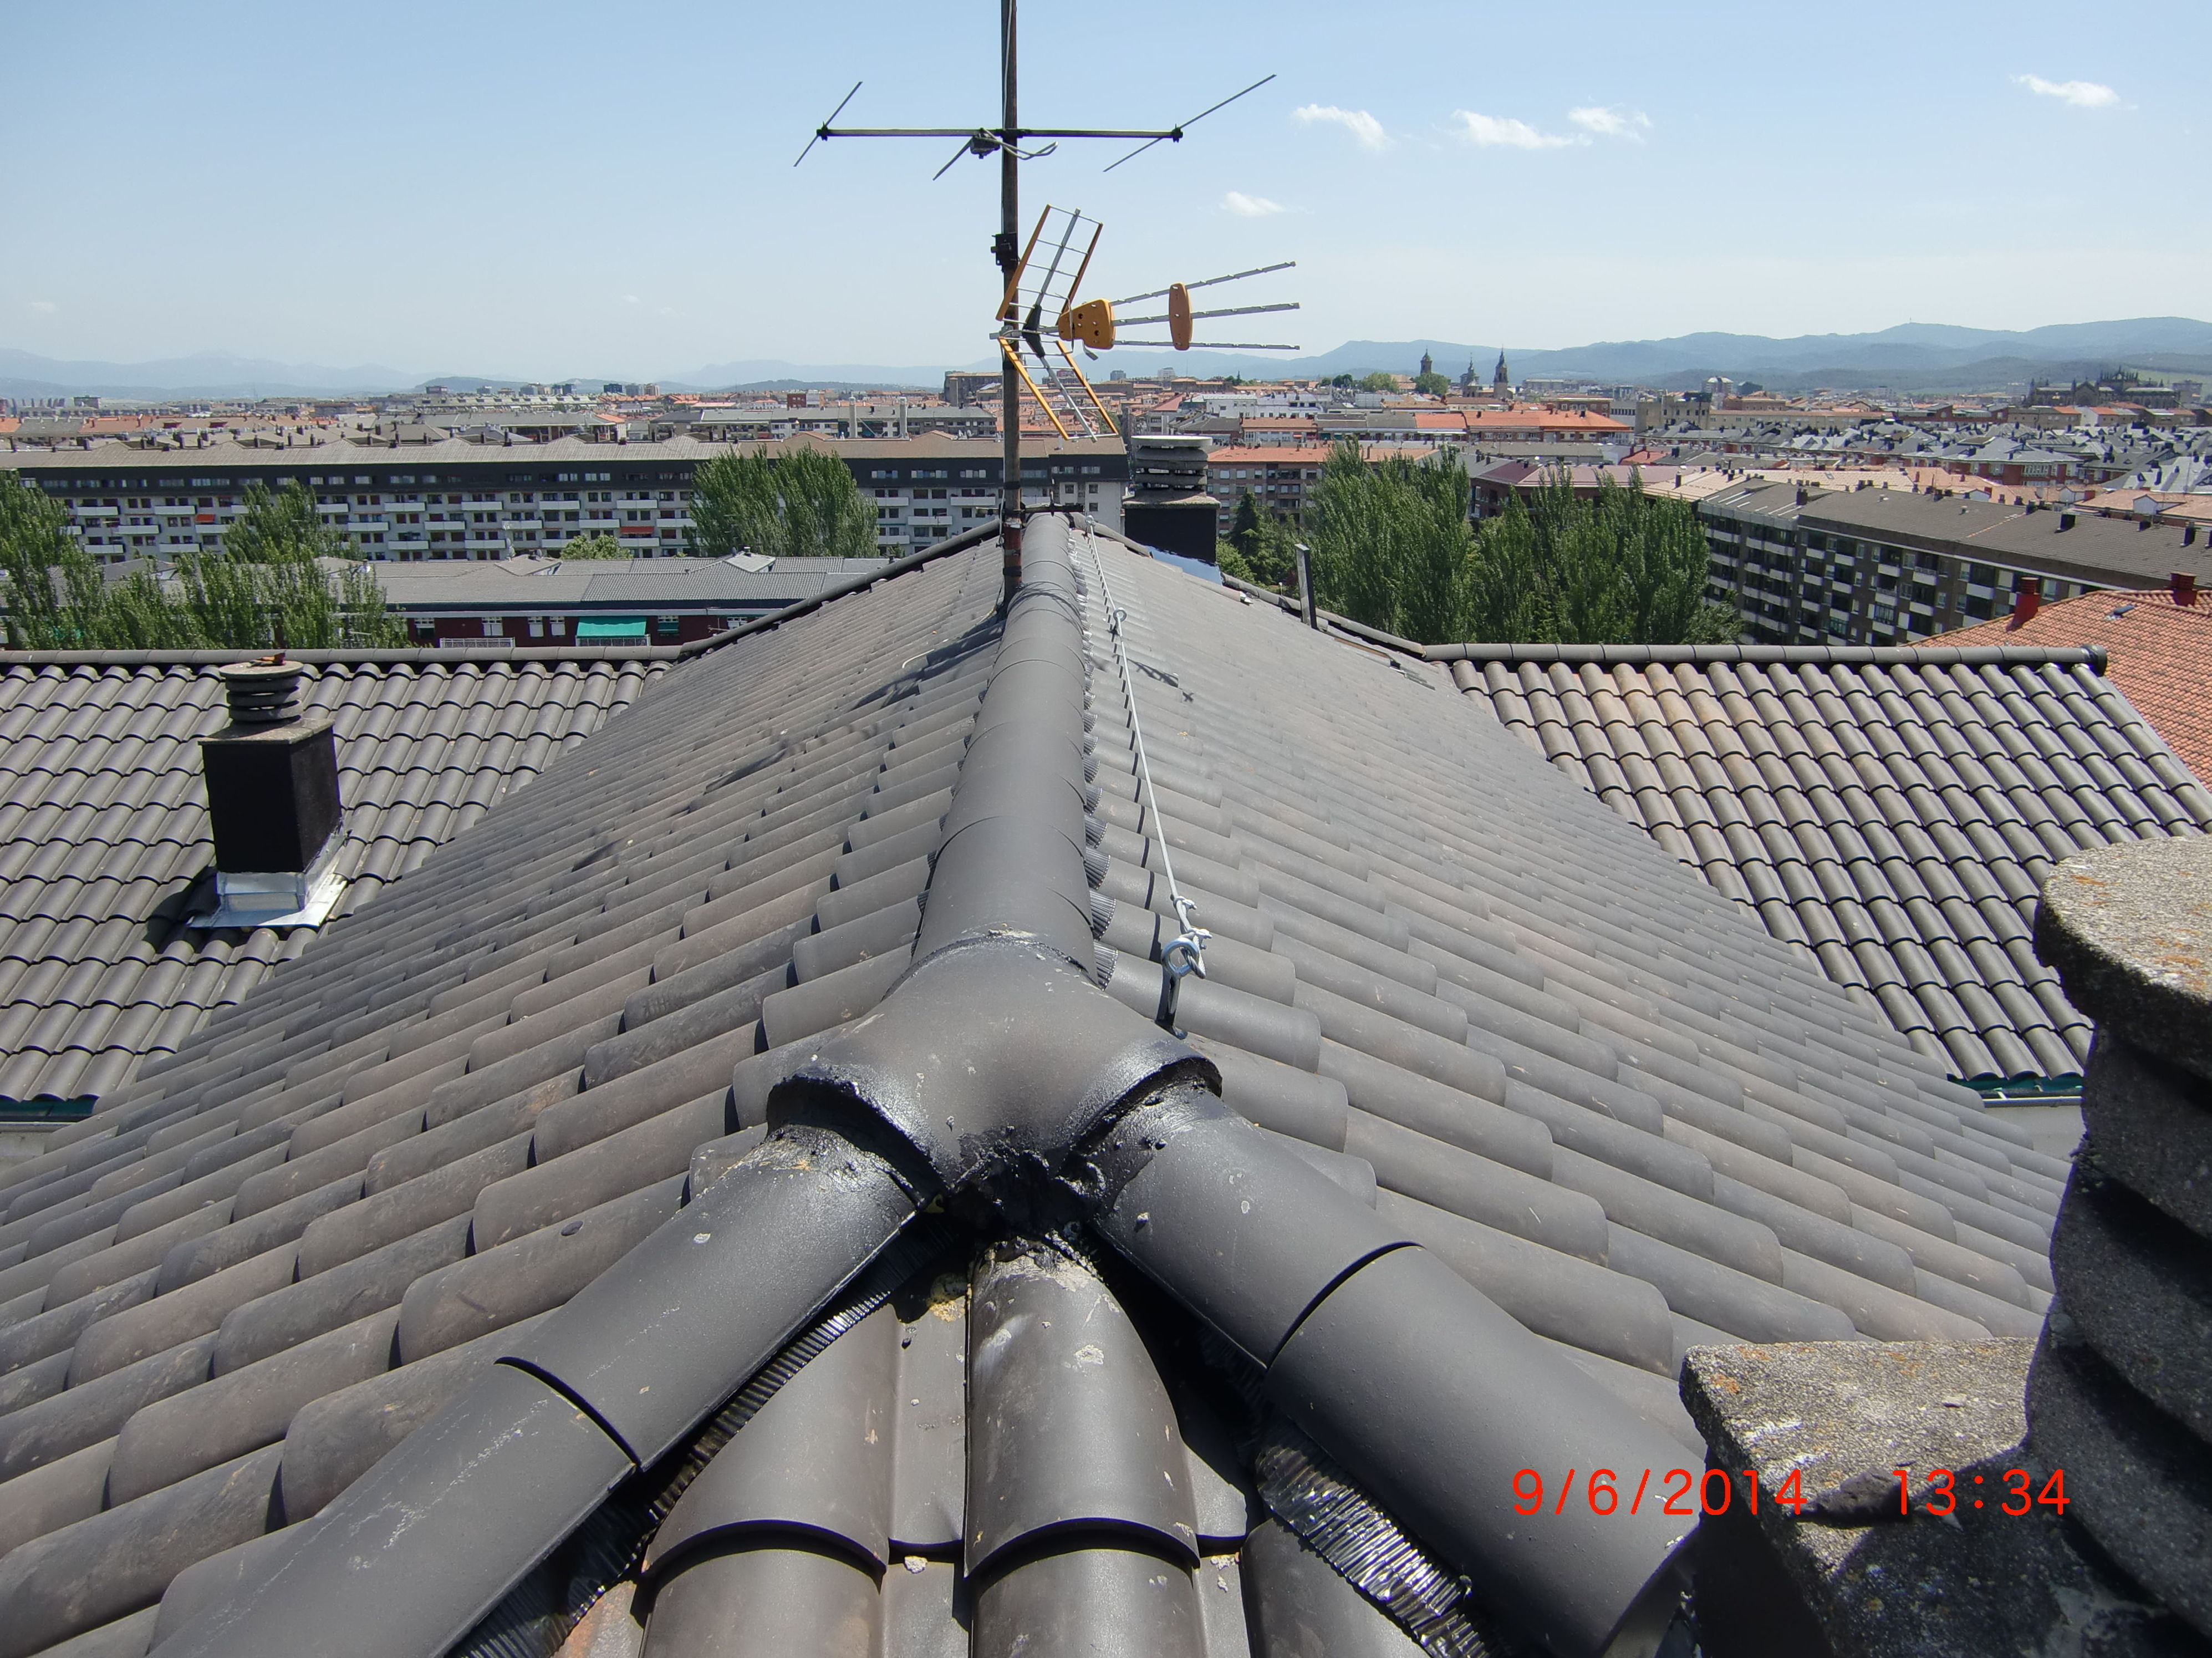 Rehabilitación de tejado en la calle Chile, 6 Vitoria-Gasteiz después de la obra